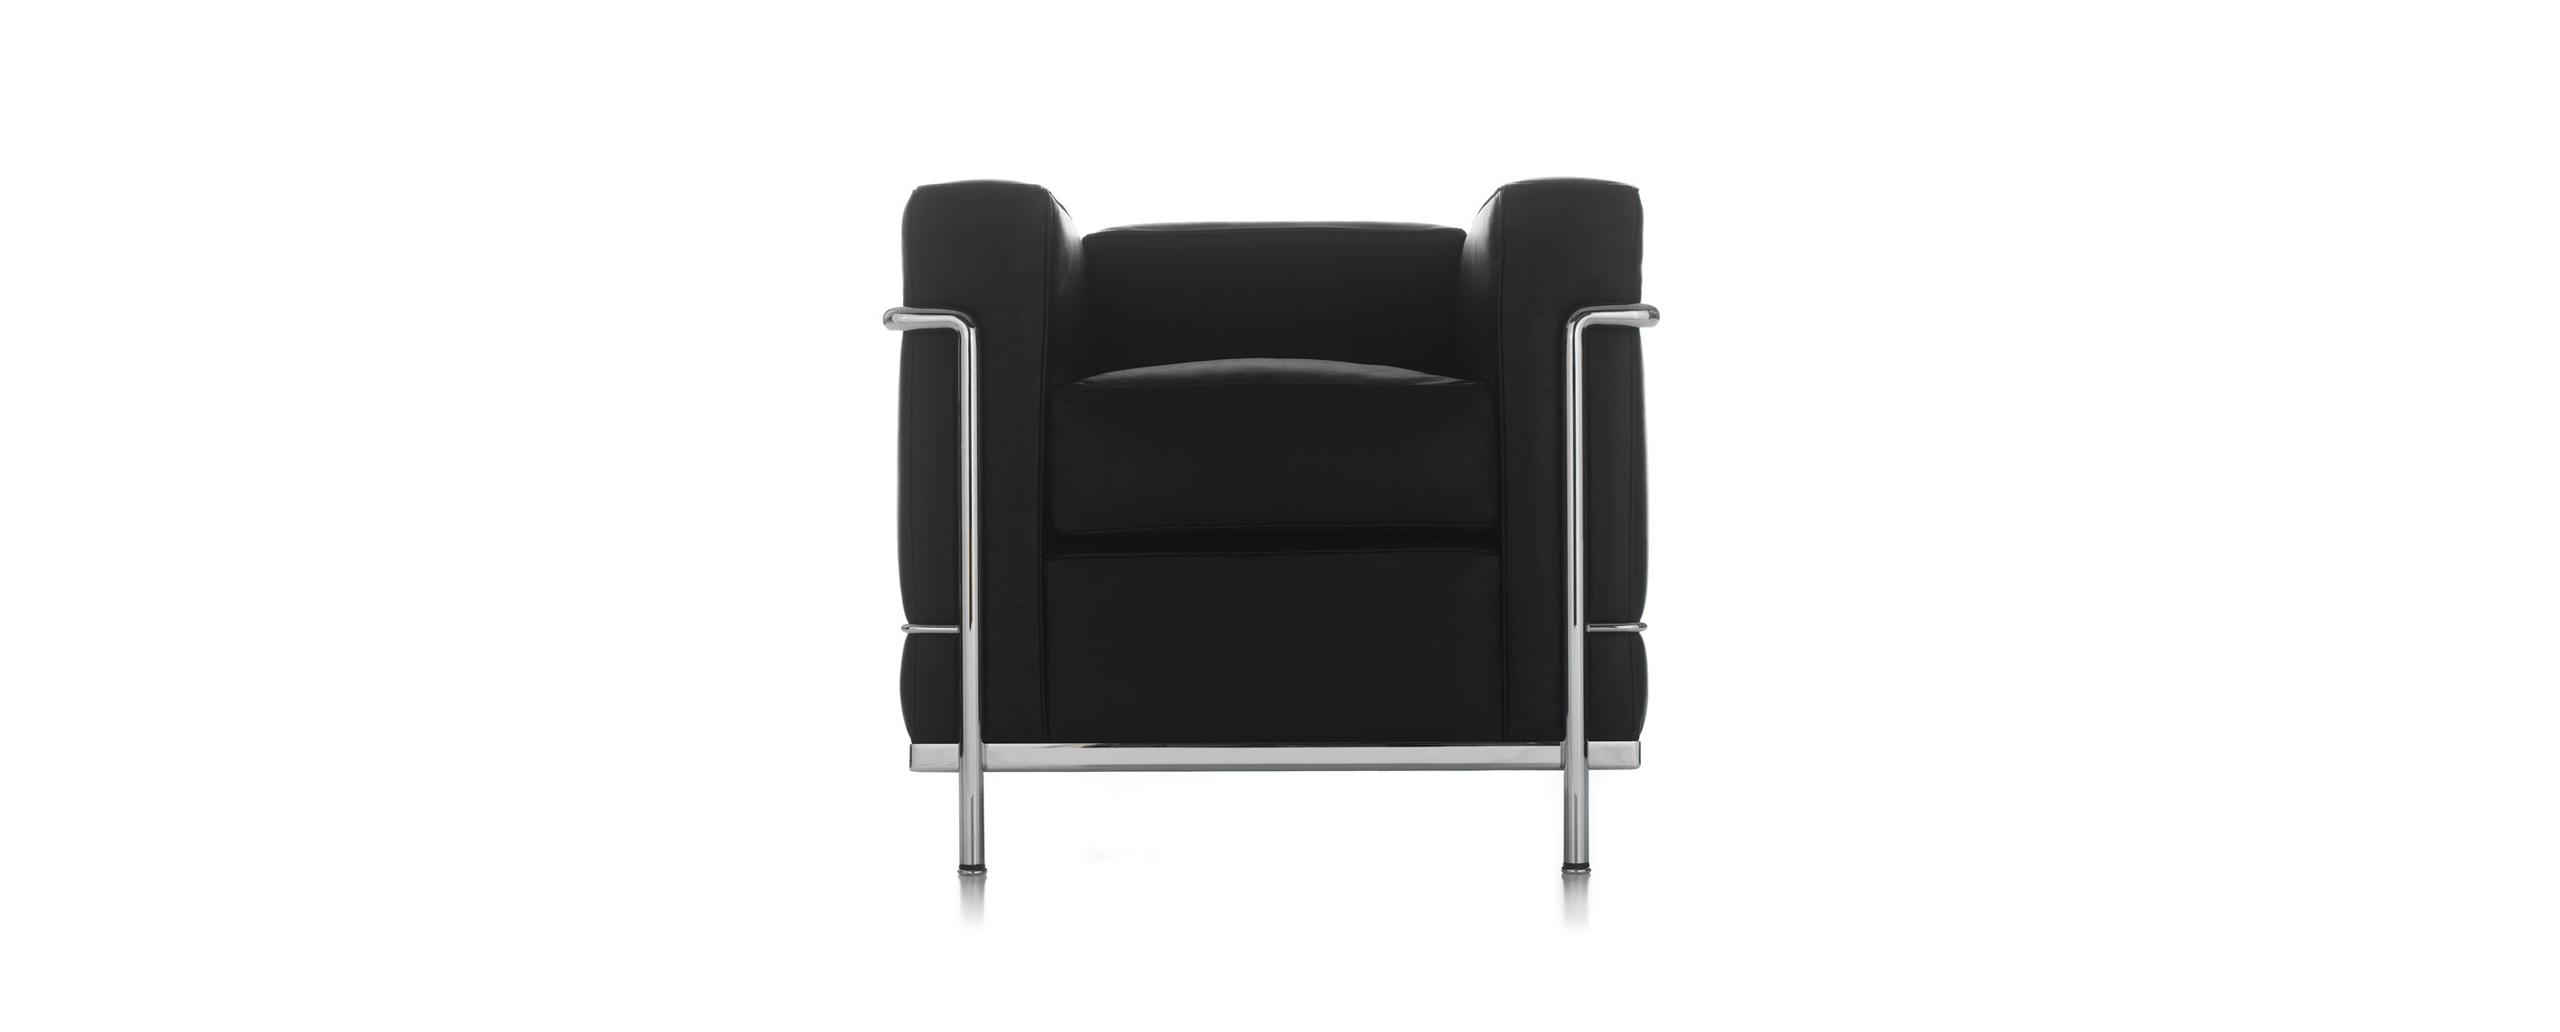 la poltrona grand confort di le corbusier zed progetti. Black Bedroom Furniture Sets. Home Design Ideas